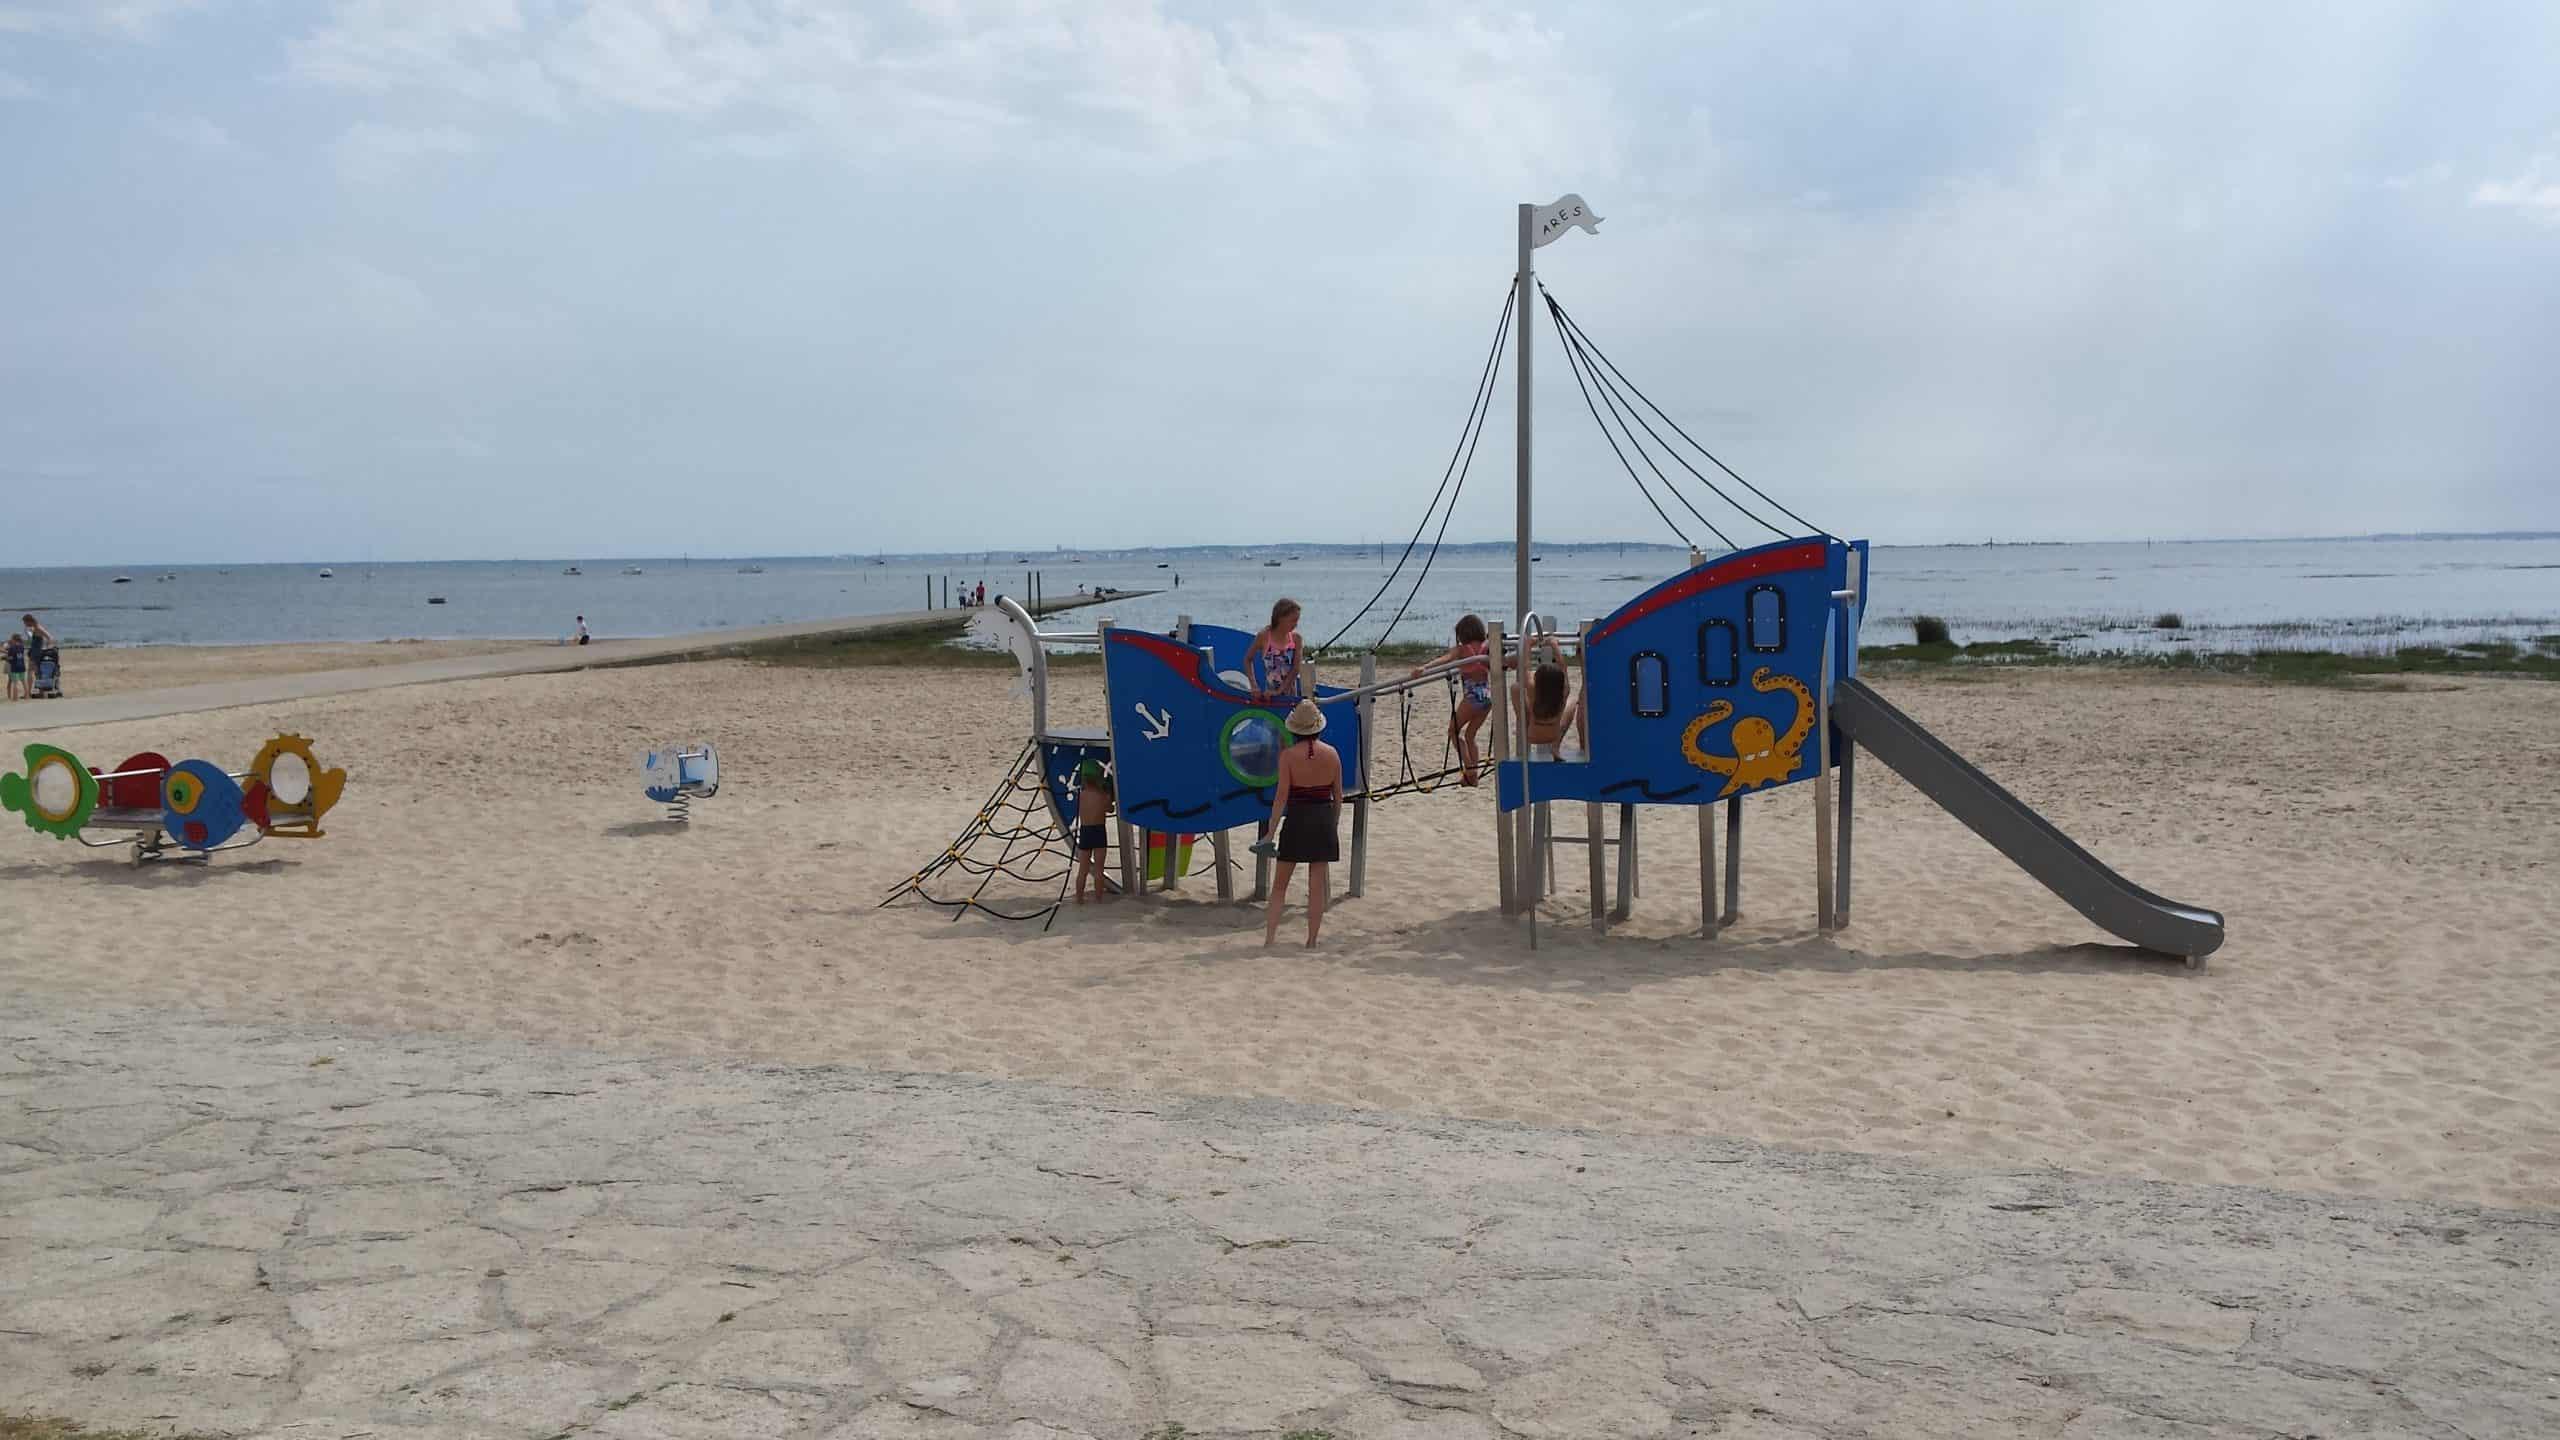 jeux plage jetée sable soleil à 1km de la location saisonnière pour 6 personnes et animaux admis